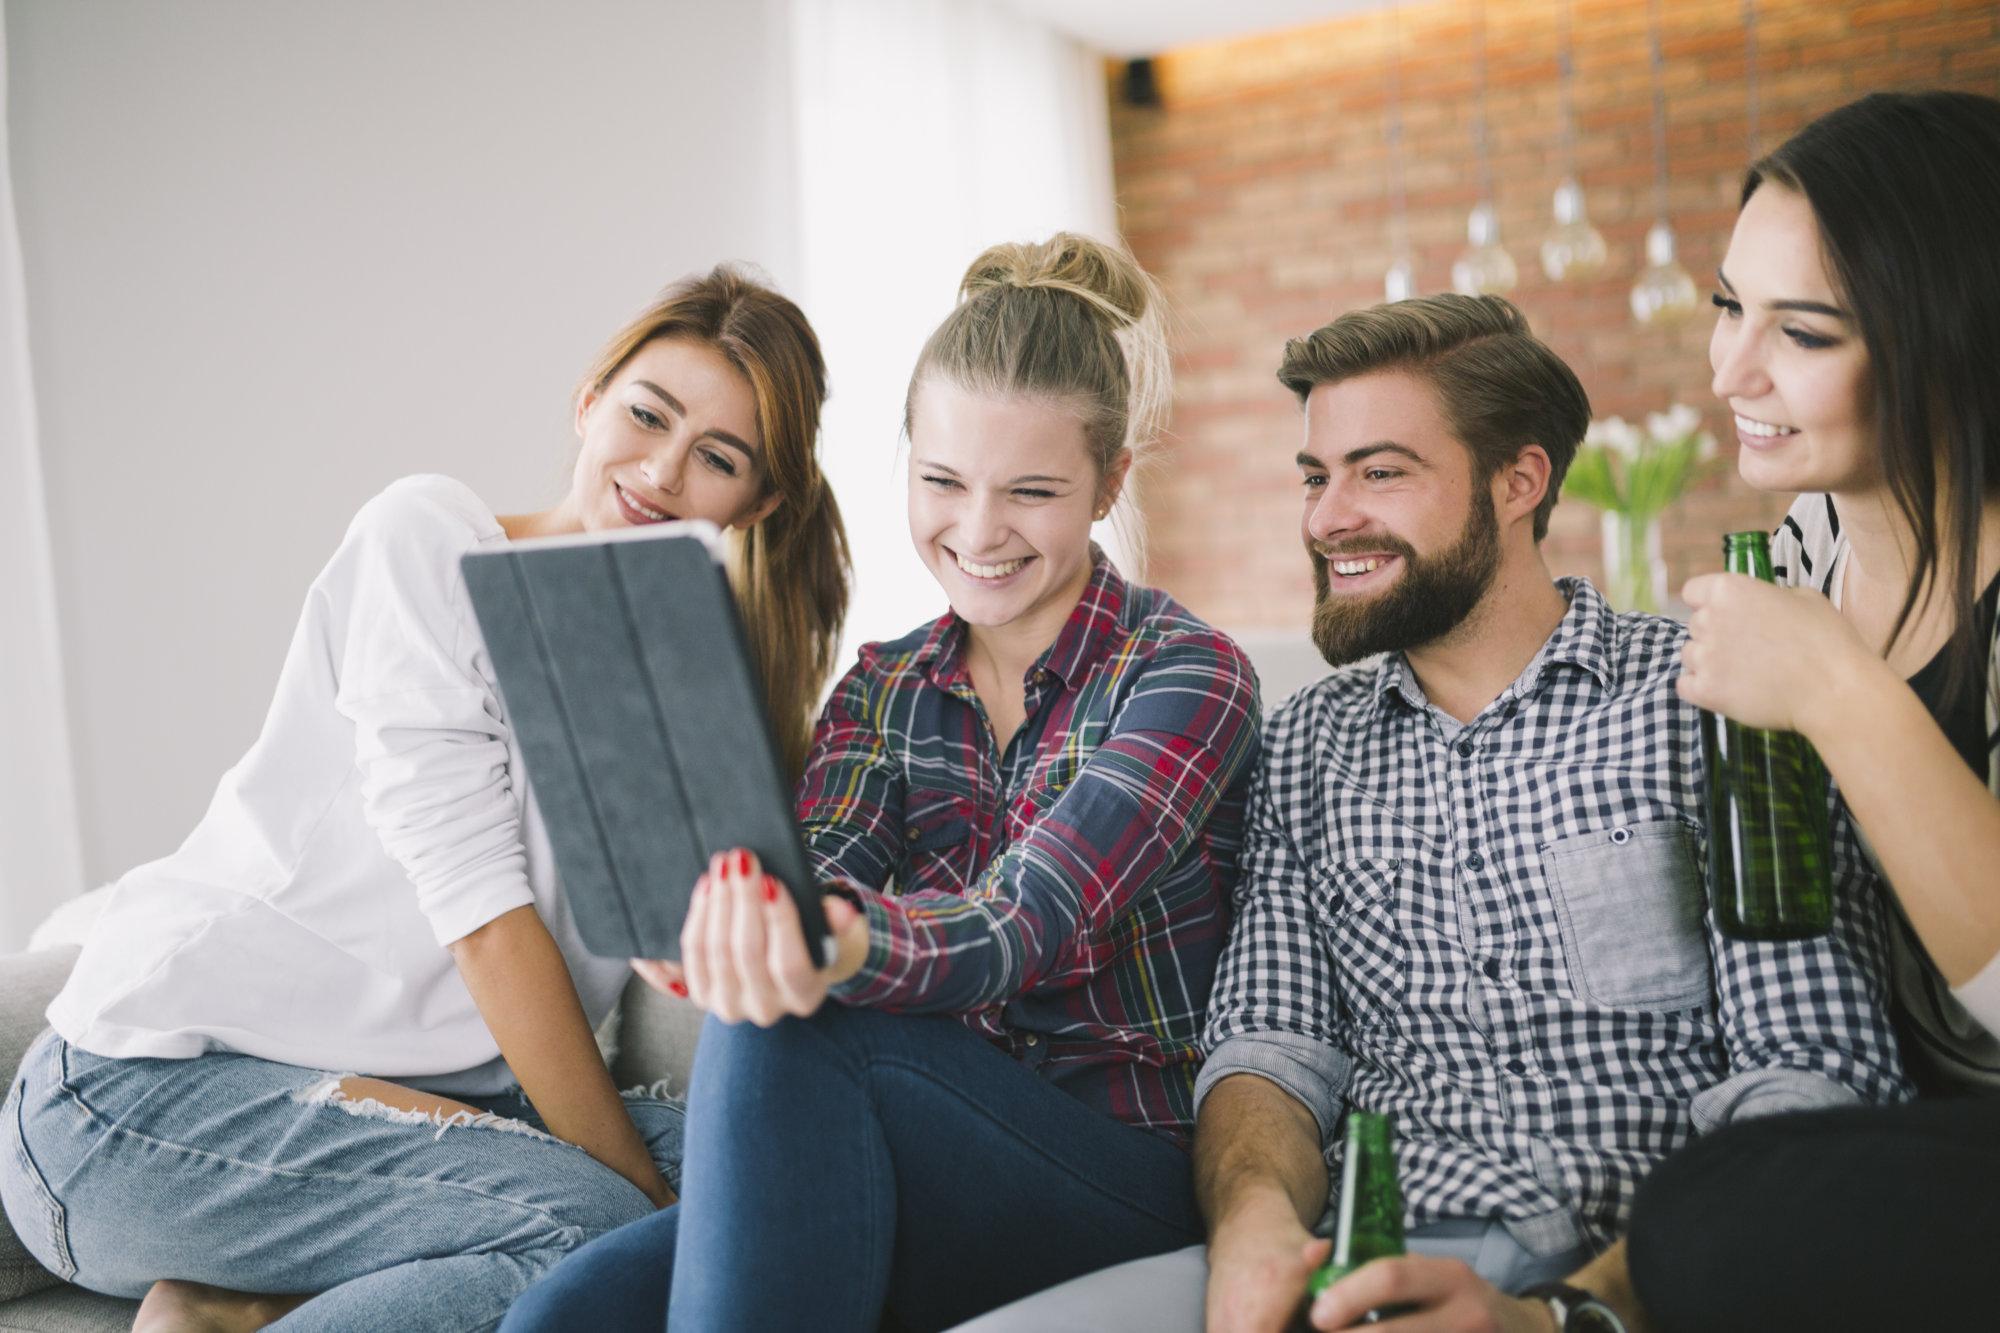 Como usar conteúdo interativo nas estratégias de marketing